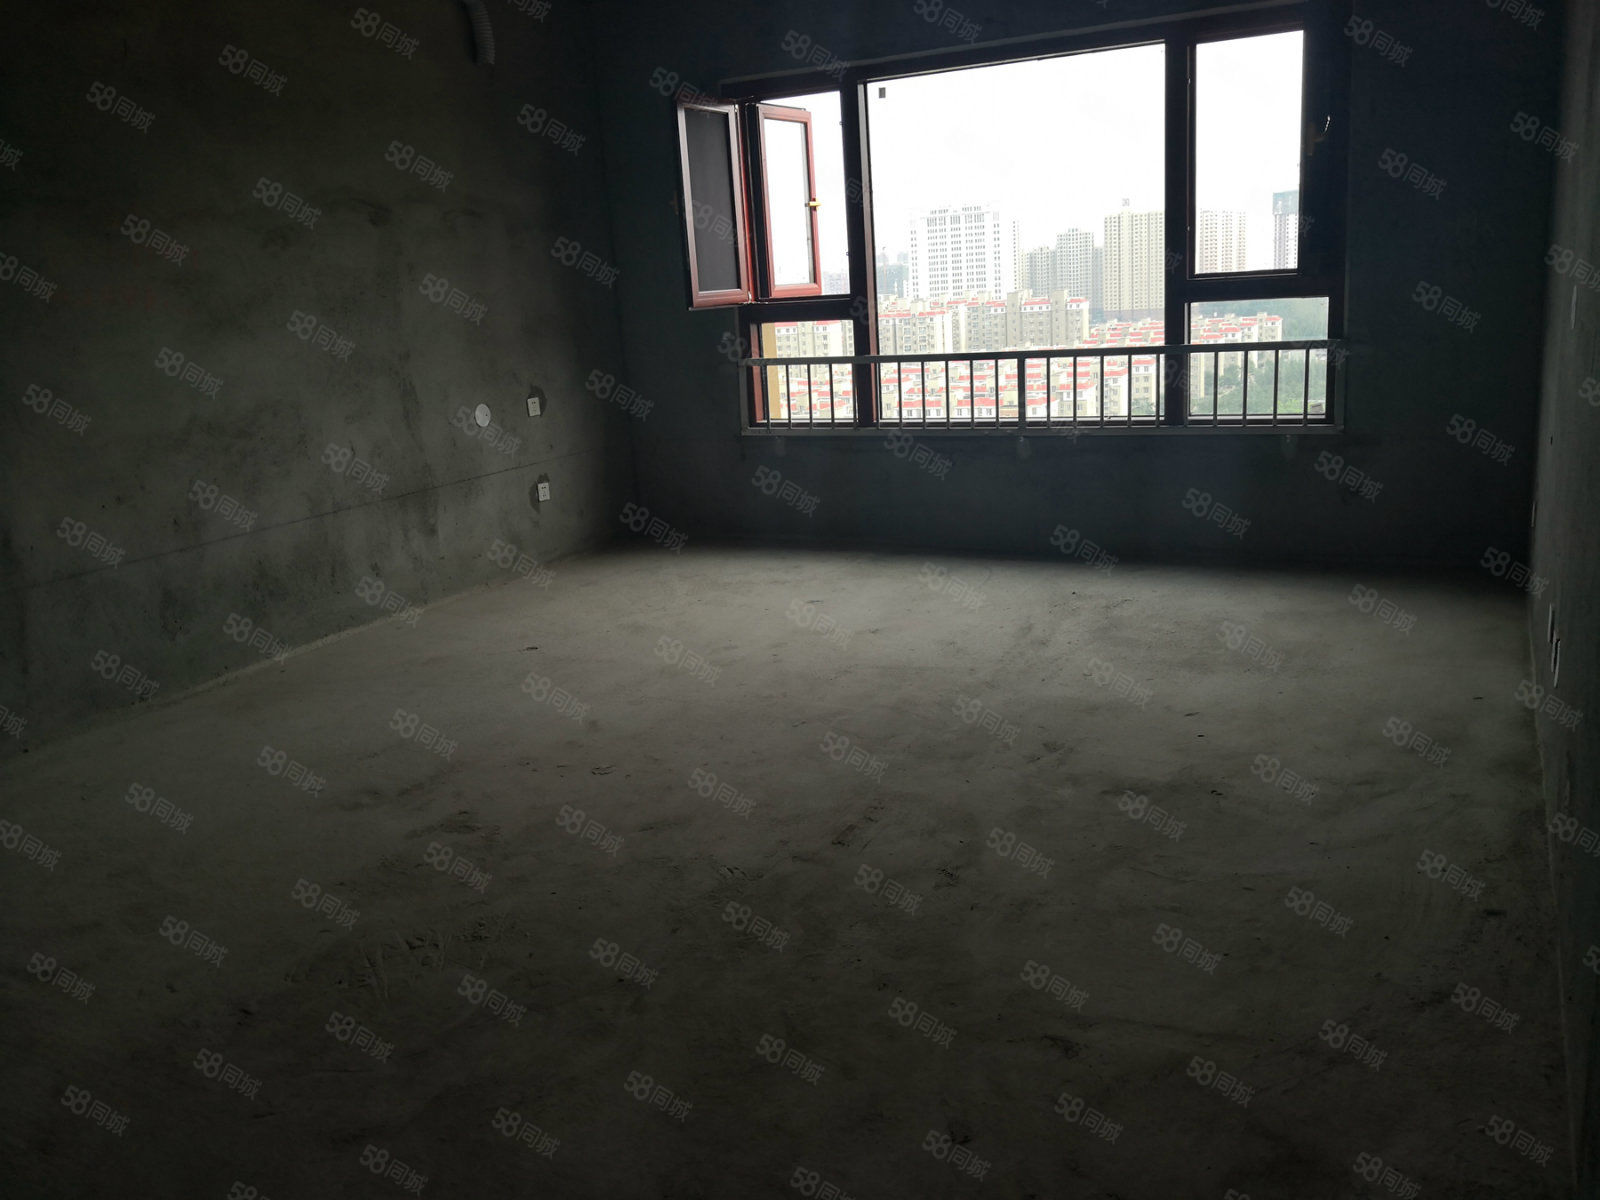 香榭里两室客厅朝阳电梯洋房带阁楼地下室停车位